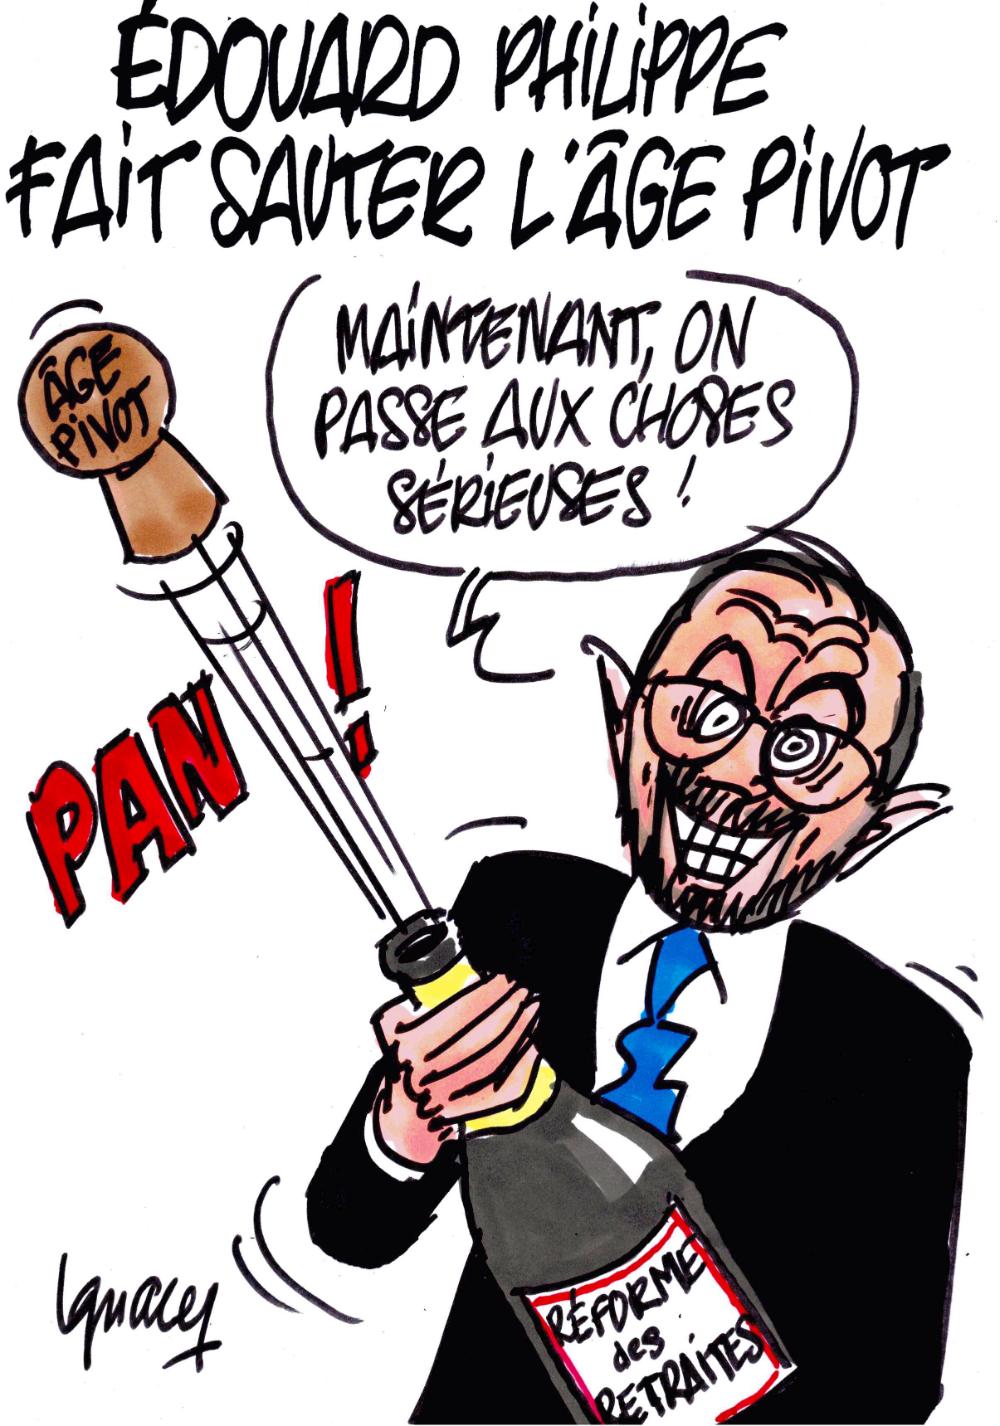 Ignace Édouard Philippe fait sauter l'âge pivot en 2020